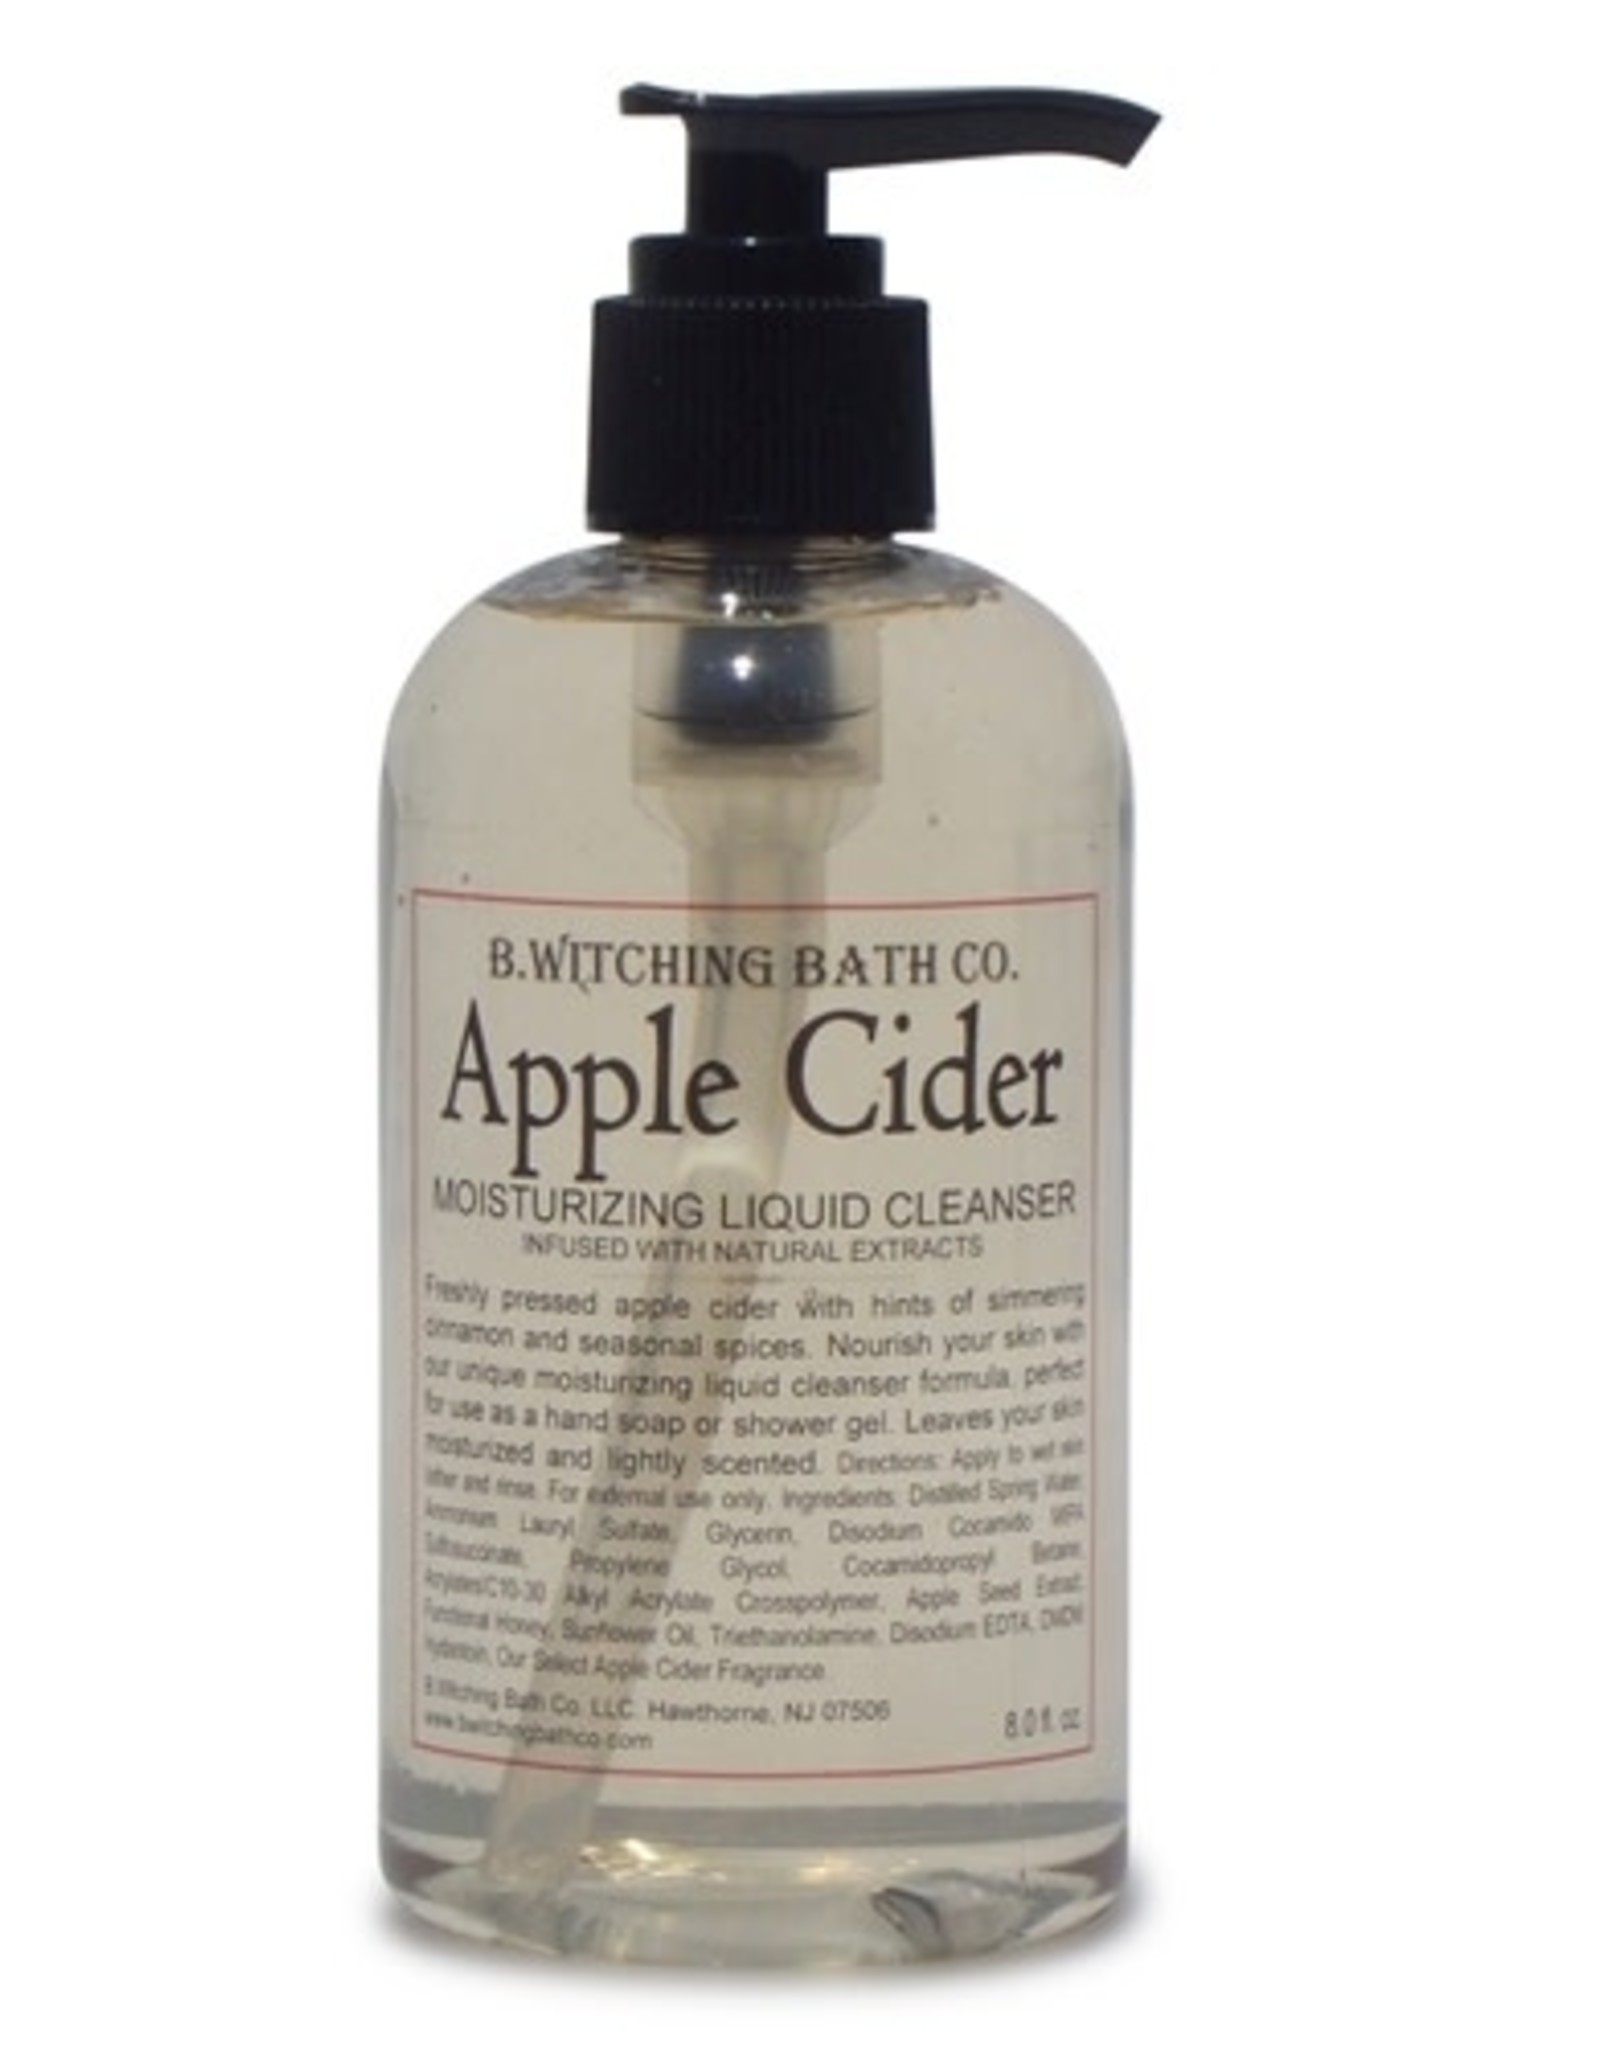 Apple Cider Moisturizing Liquid Cleansers